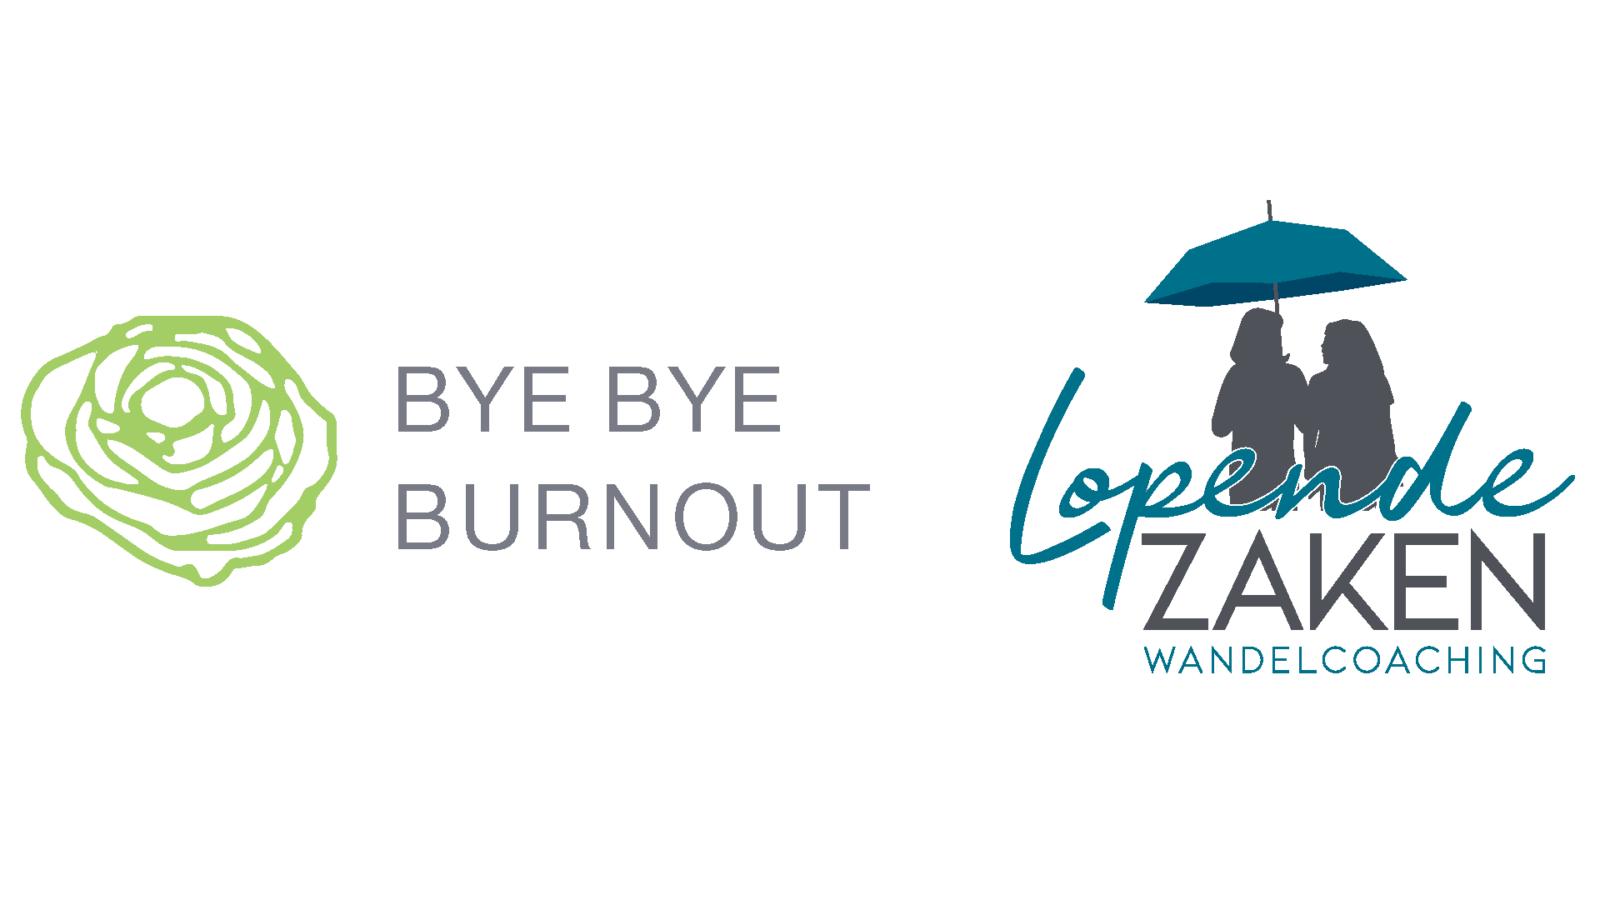 Logo's Bye Bye Burnout en Lopende Zaken wandelcoaching.